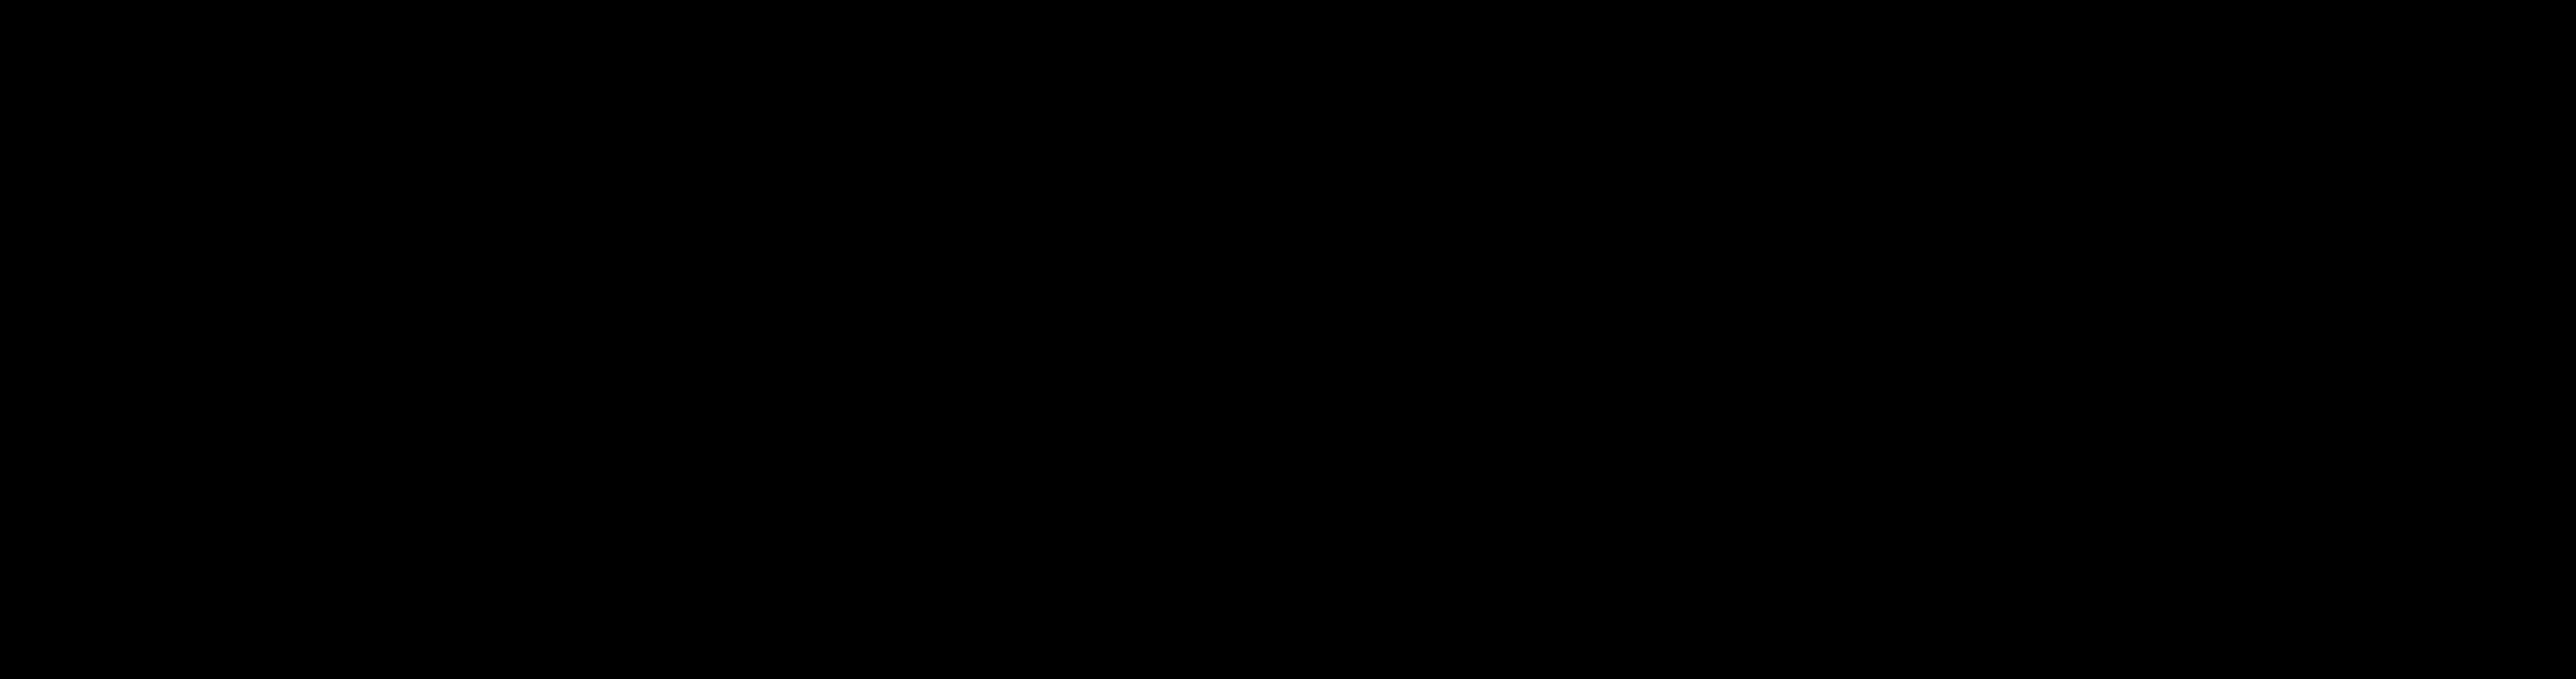 Bitquick Logo